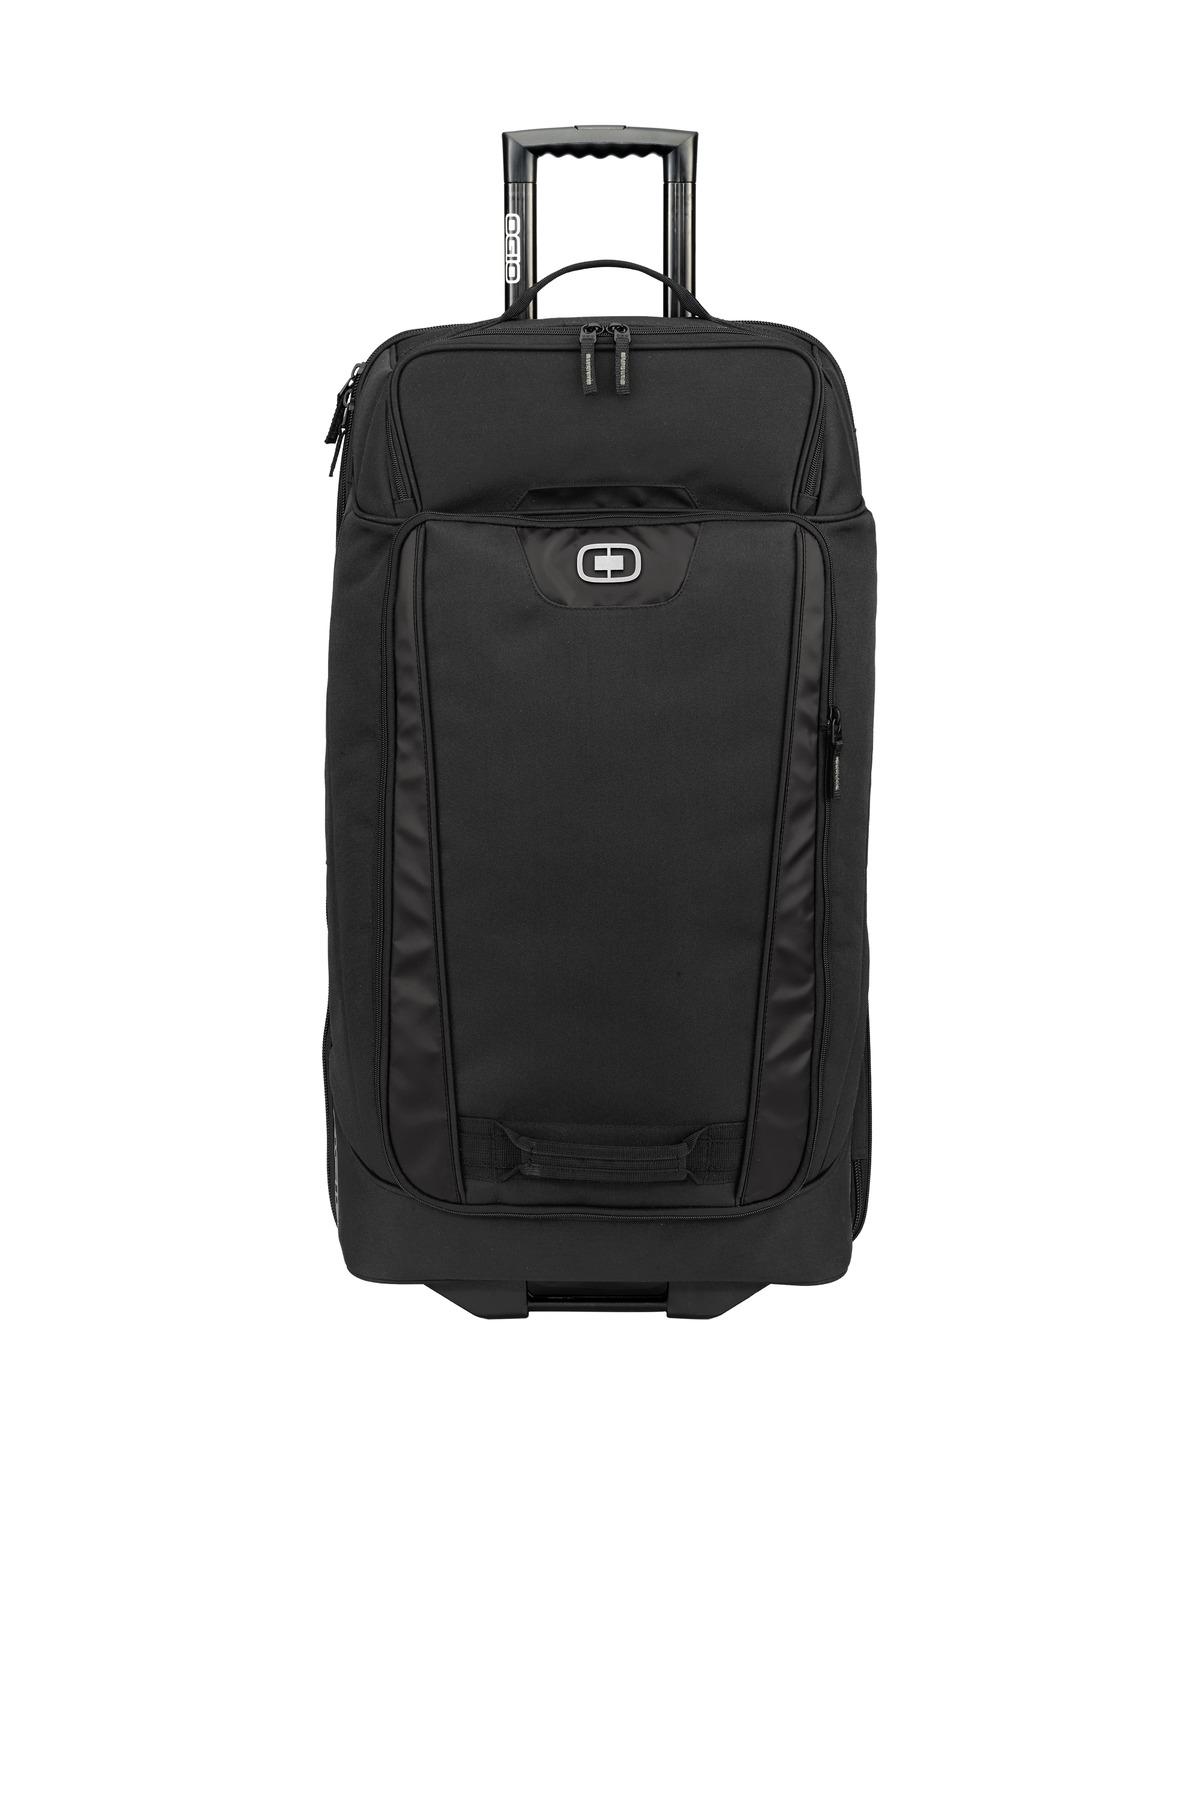 OGIO  Nomad 30 Travel Bag. 413017